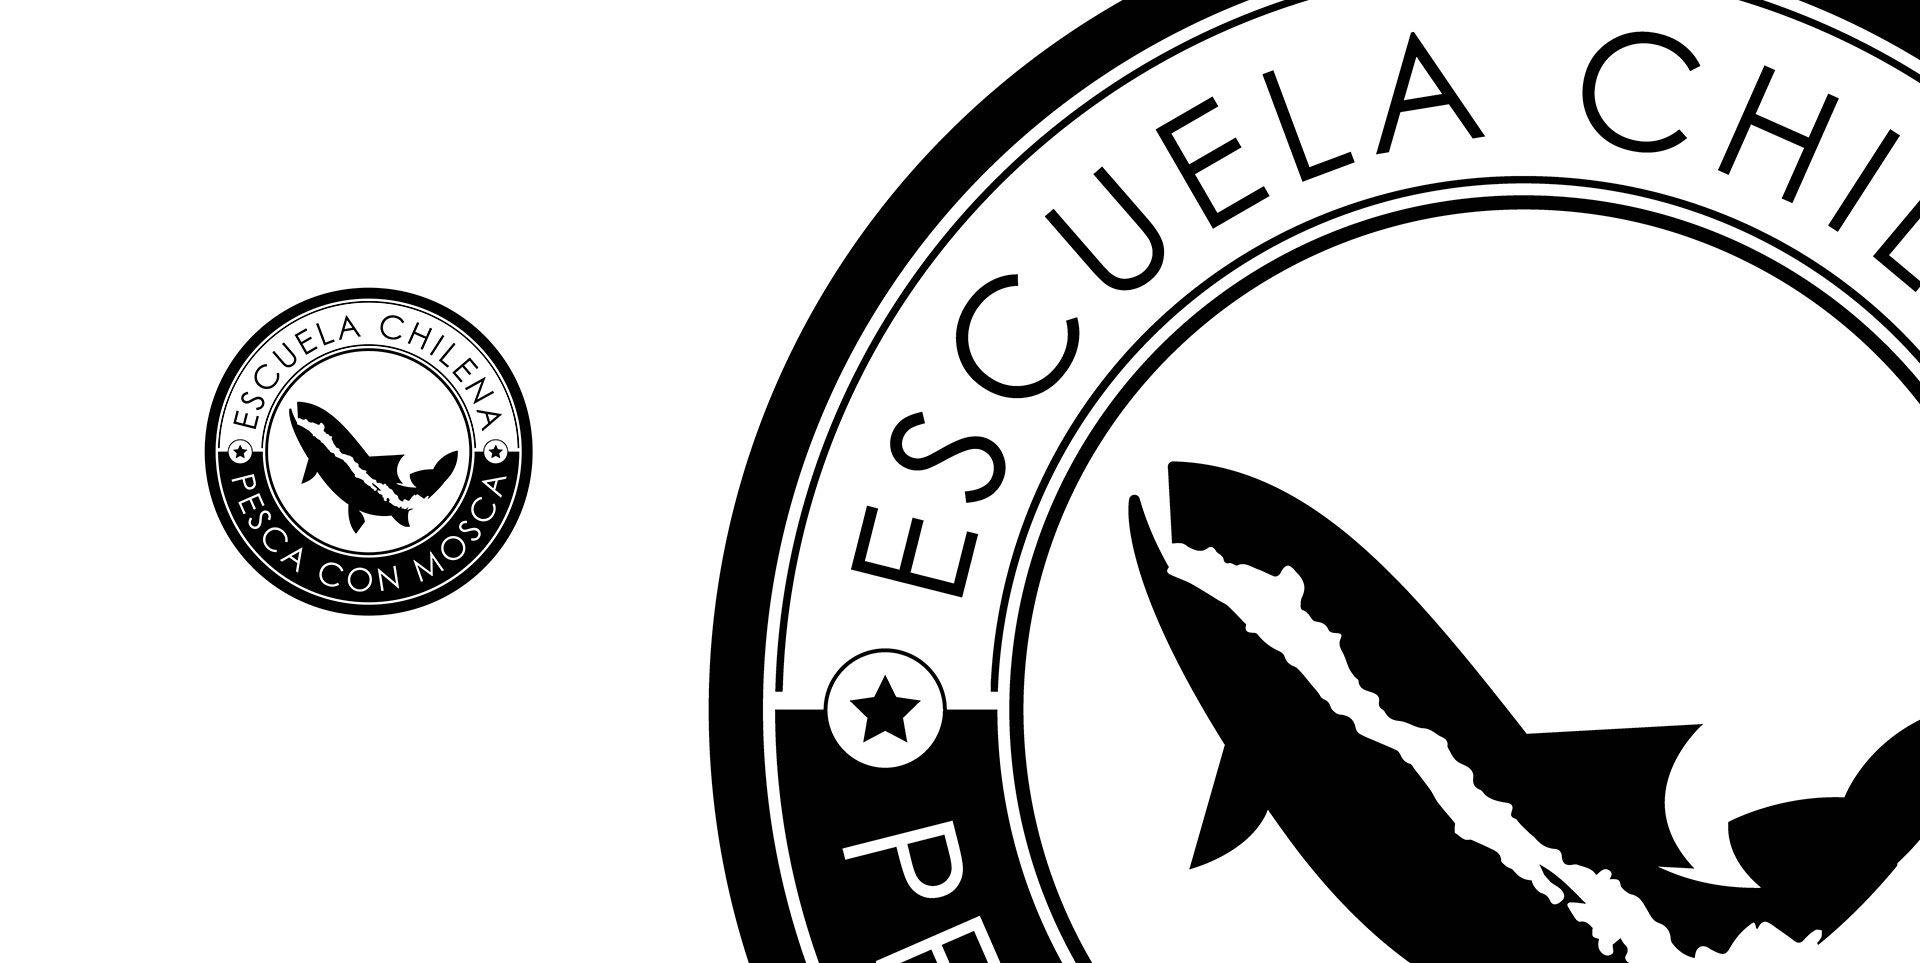 escuela-chilena-pesca-mosca-marca-002